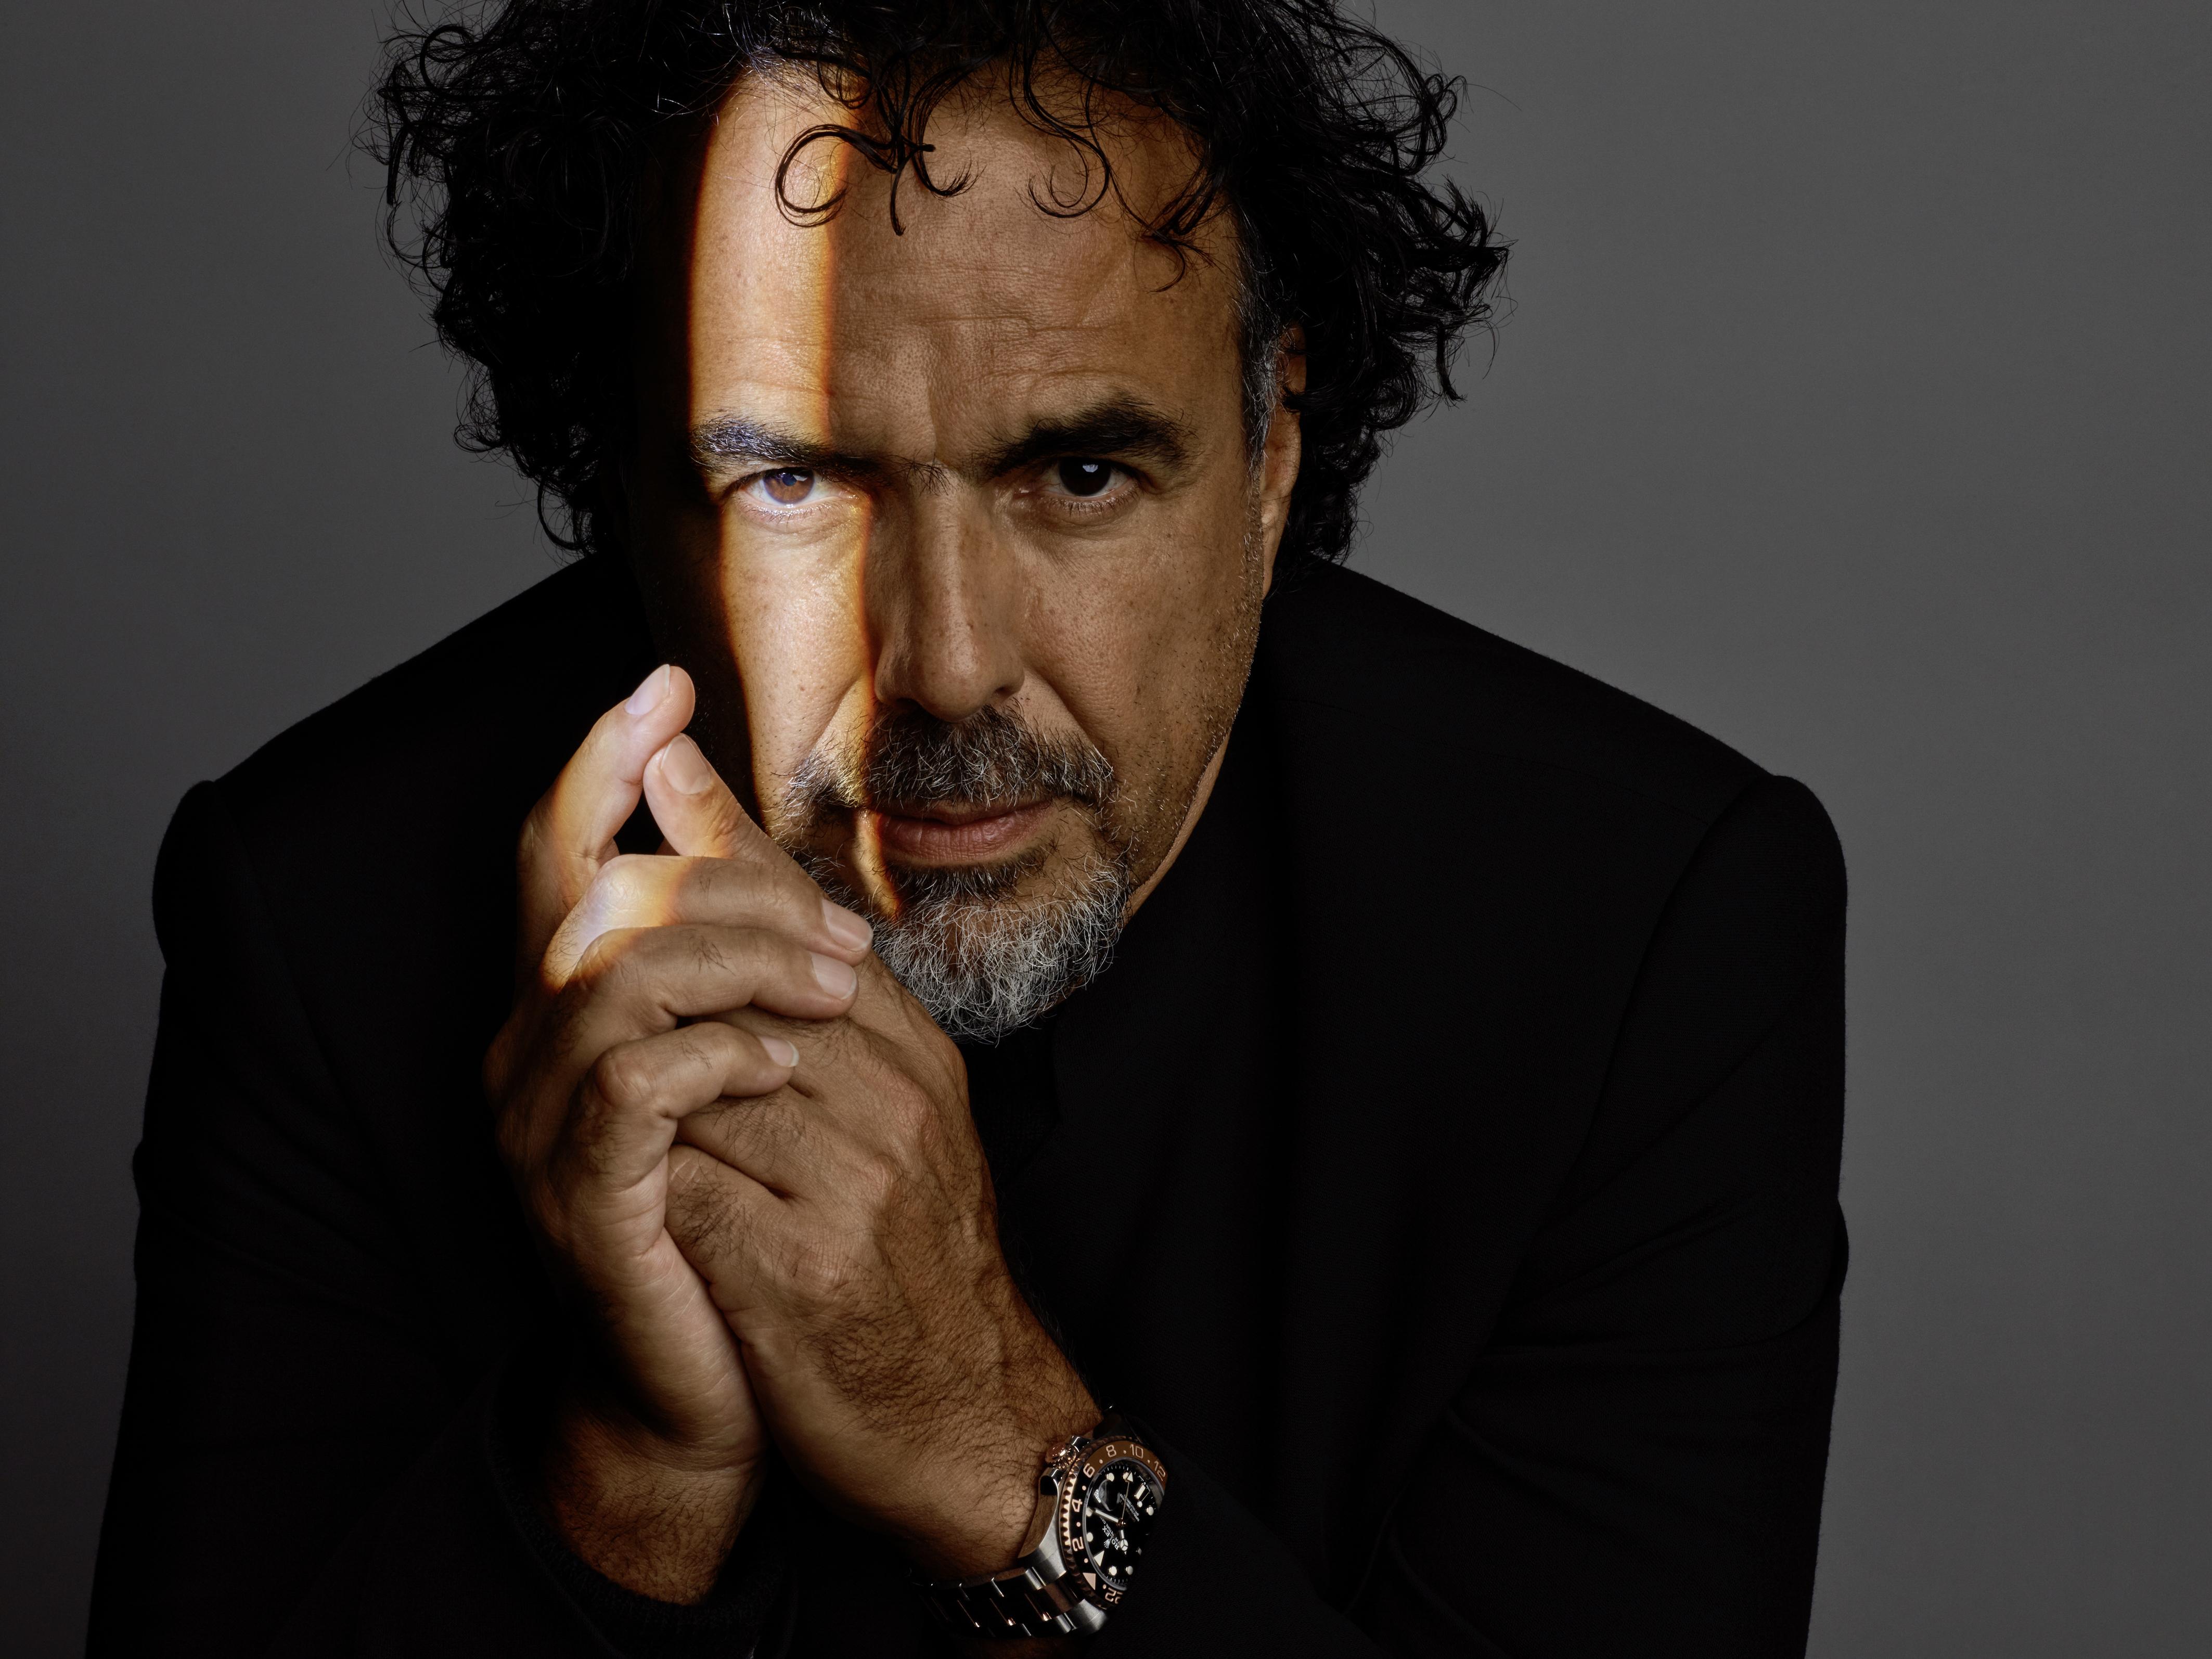 """Un mentor cree en ti más que tú mismo"""": Alejandro González Iñárritu"""